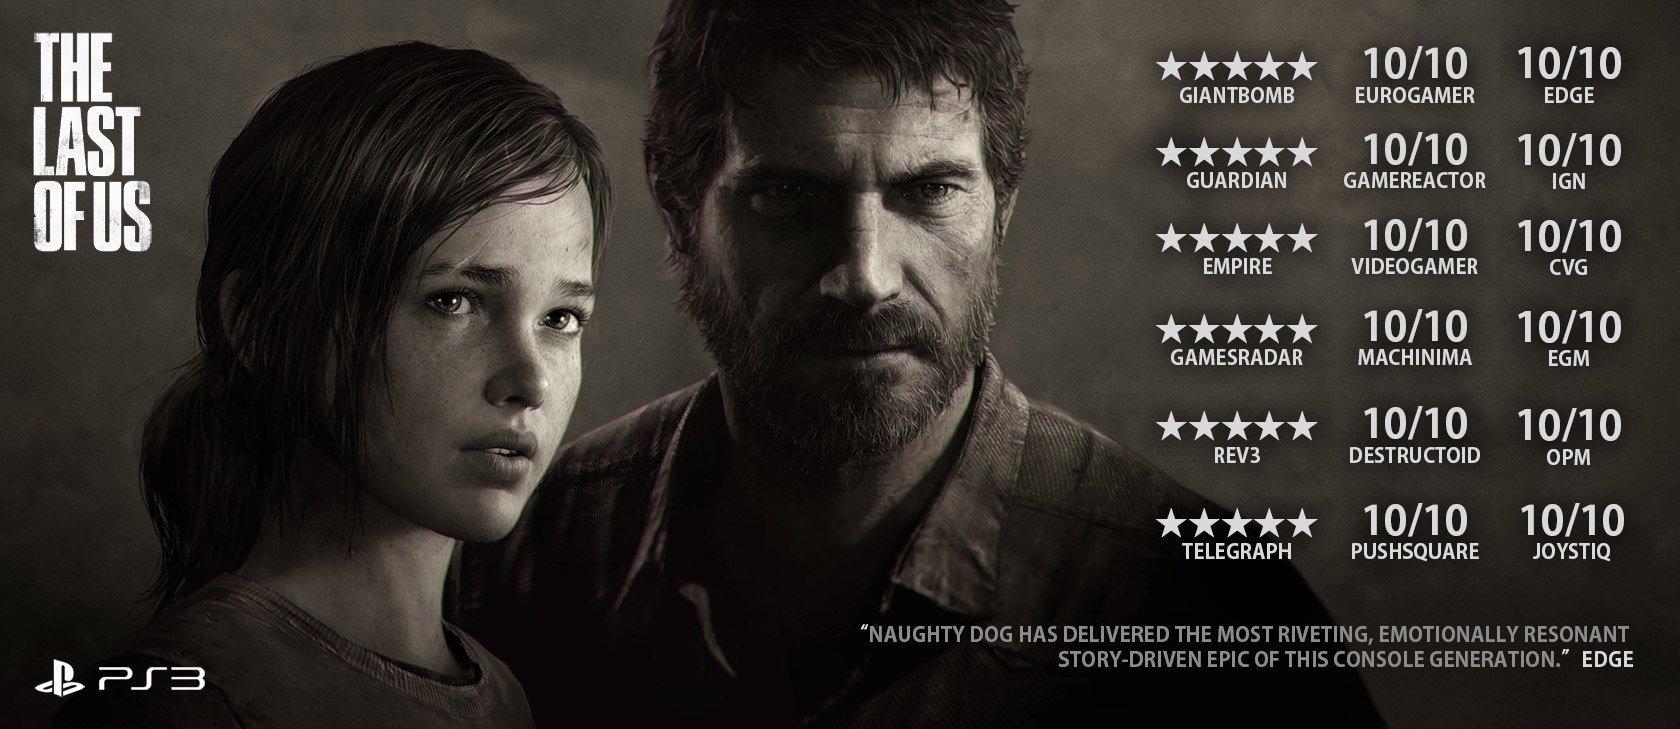 Правду говорят об игре The Last of Us-это не просто игра, а произведение искусствa и подобной этой просто несуществует - Изображение 1